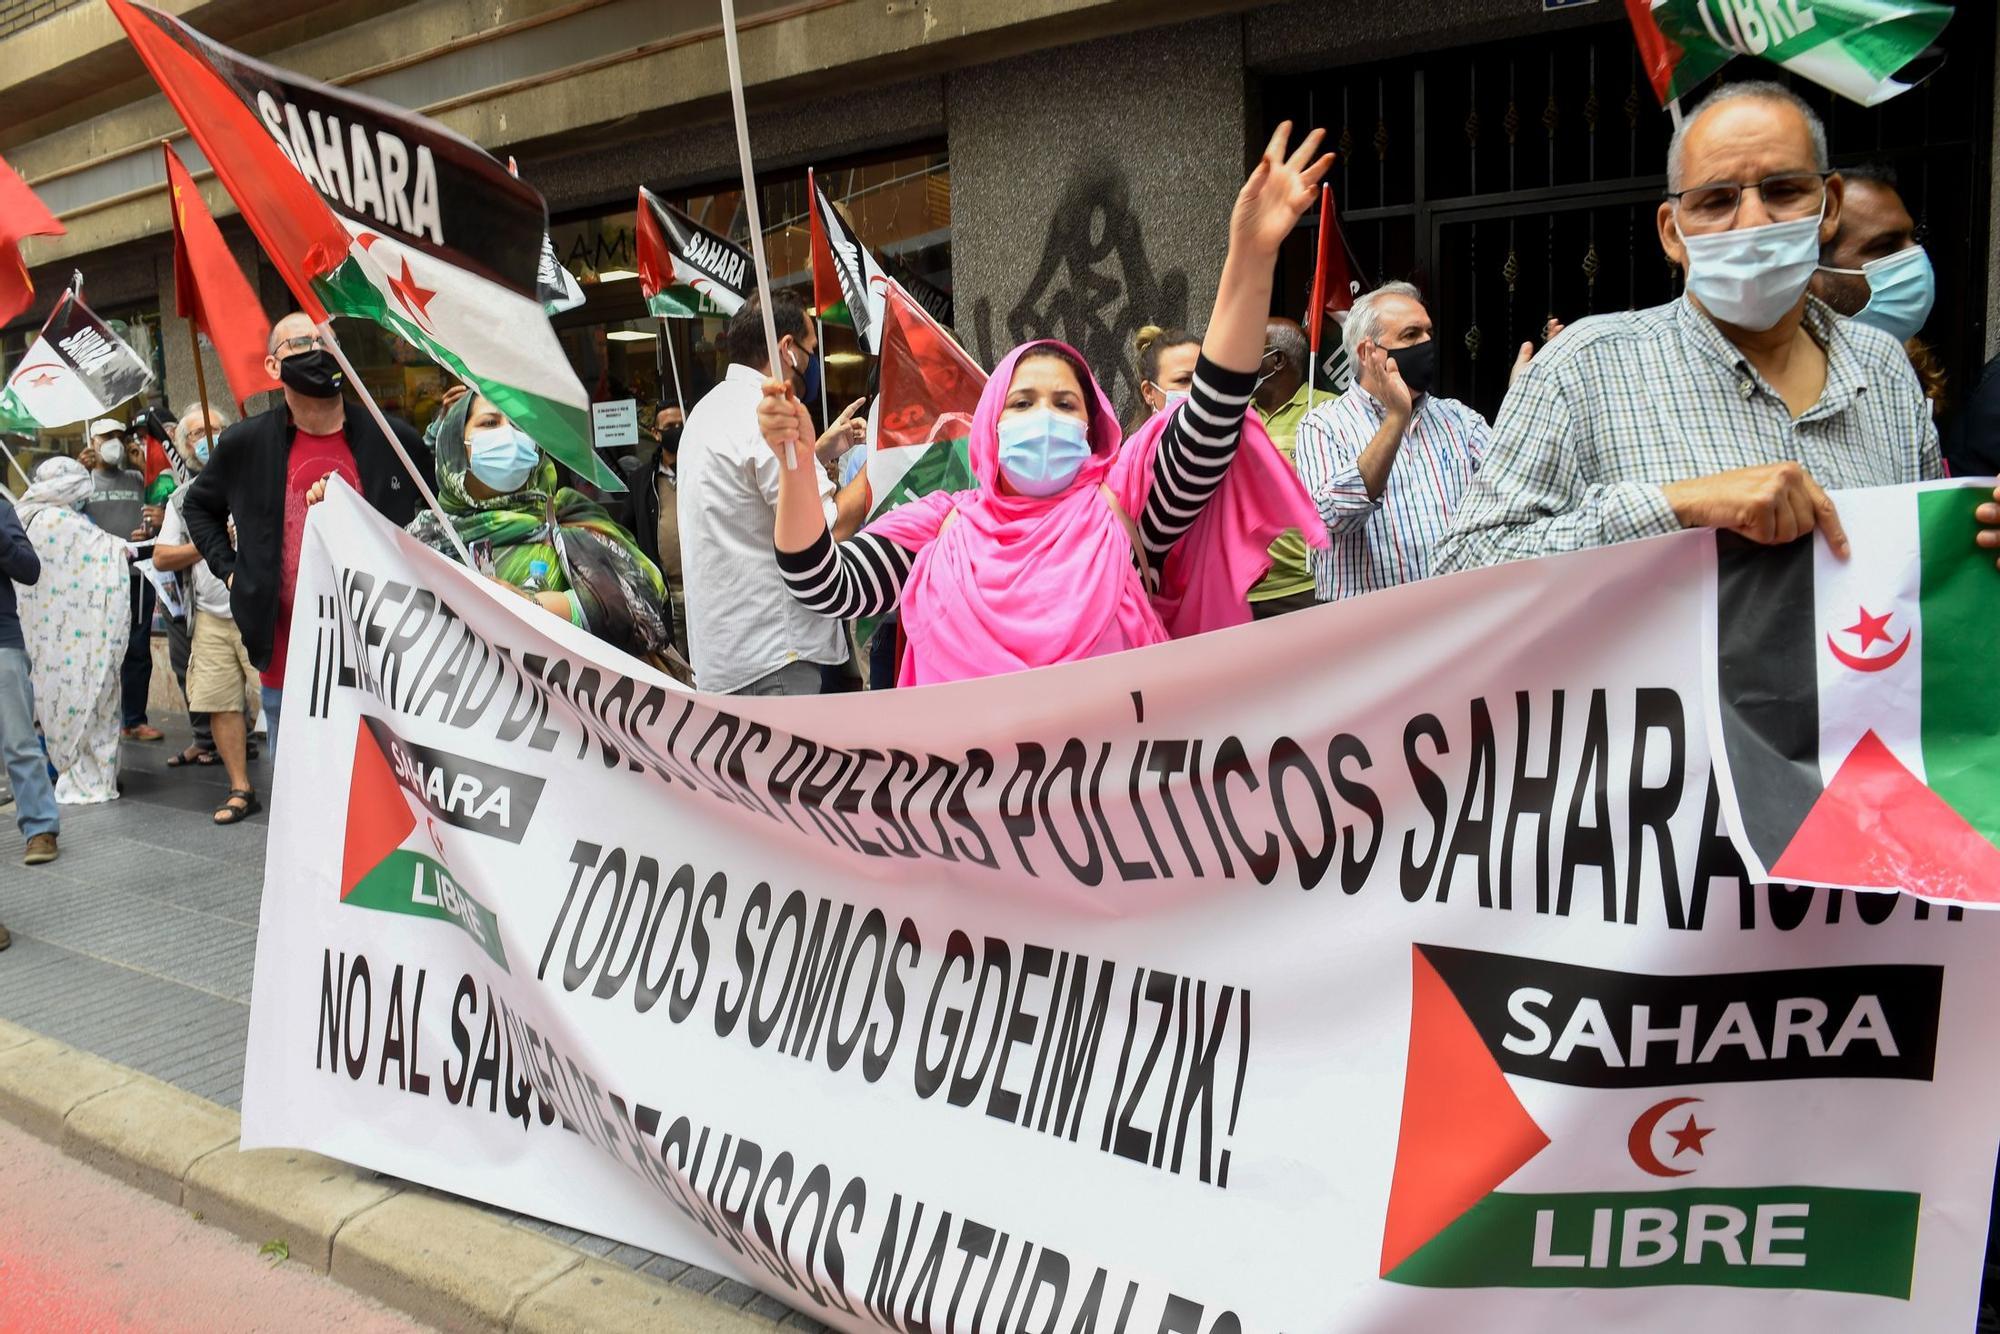 MANIFESTACION SAHARA (103409492).jpg